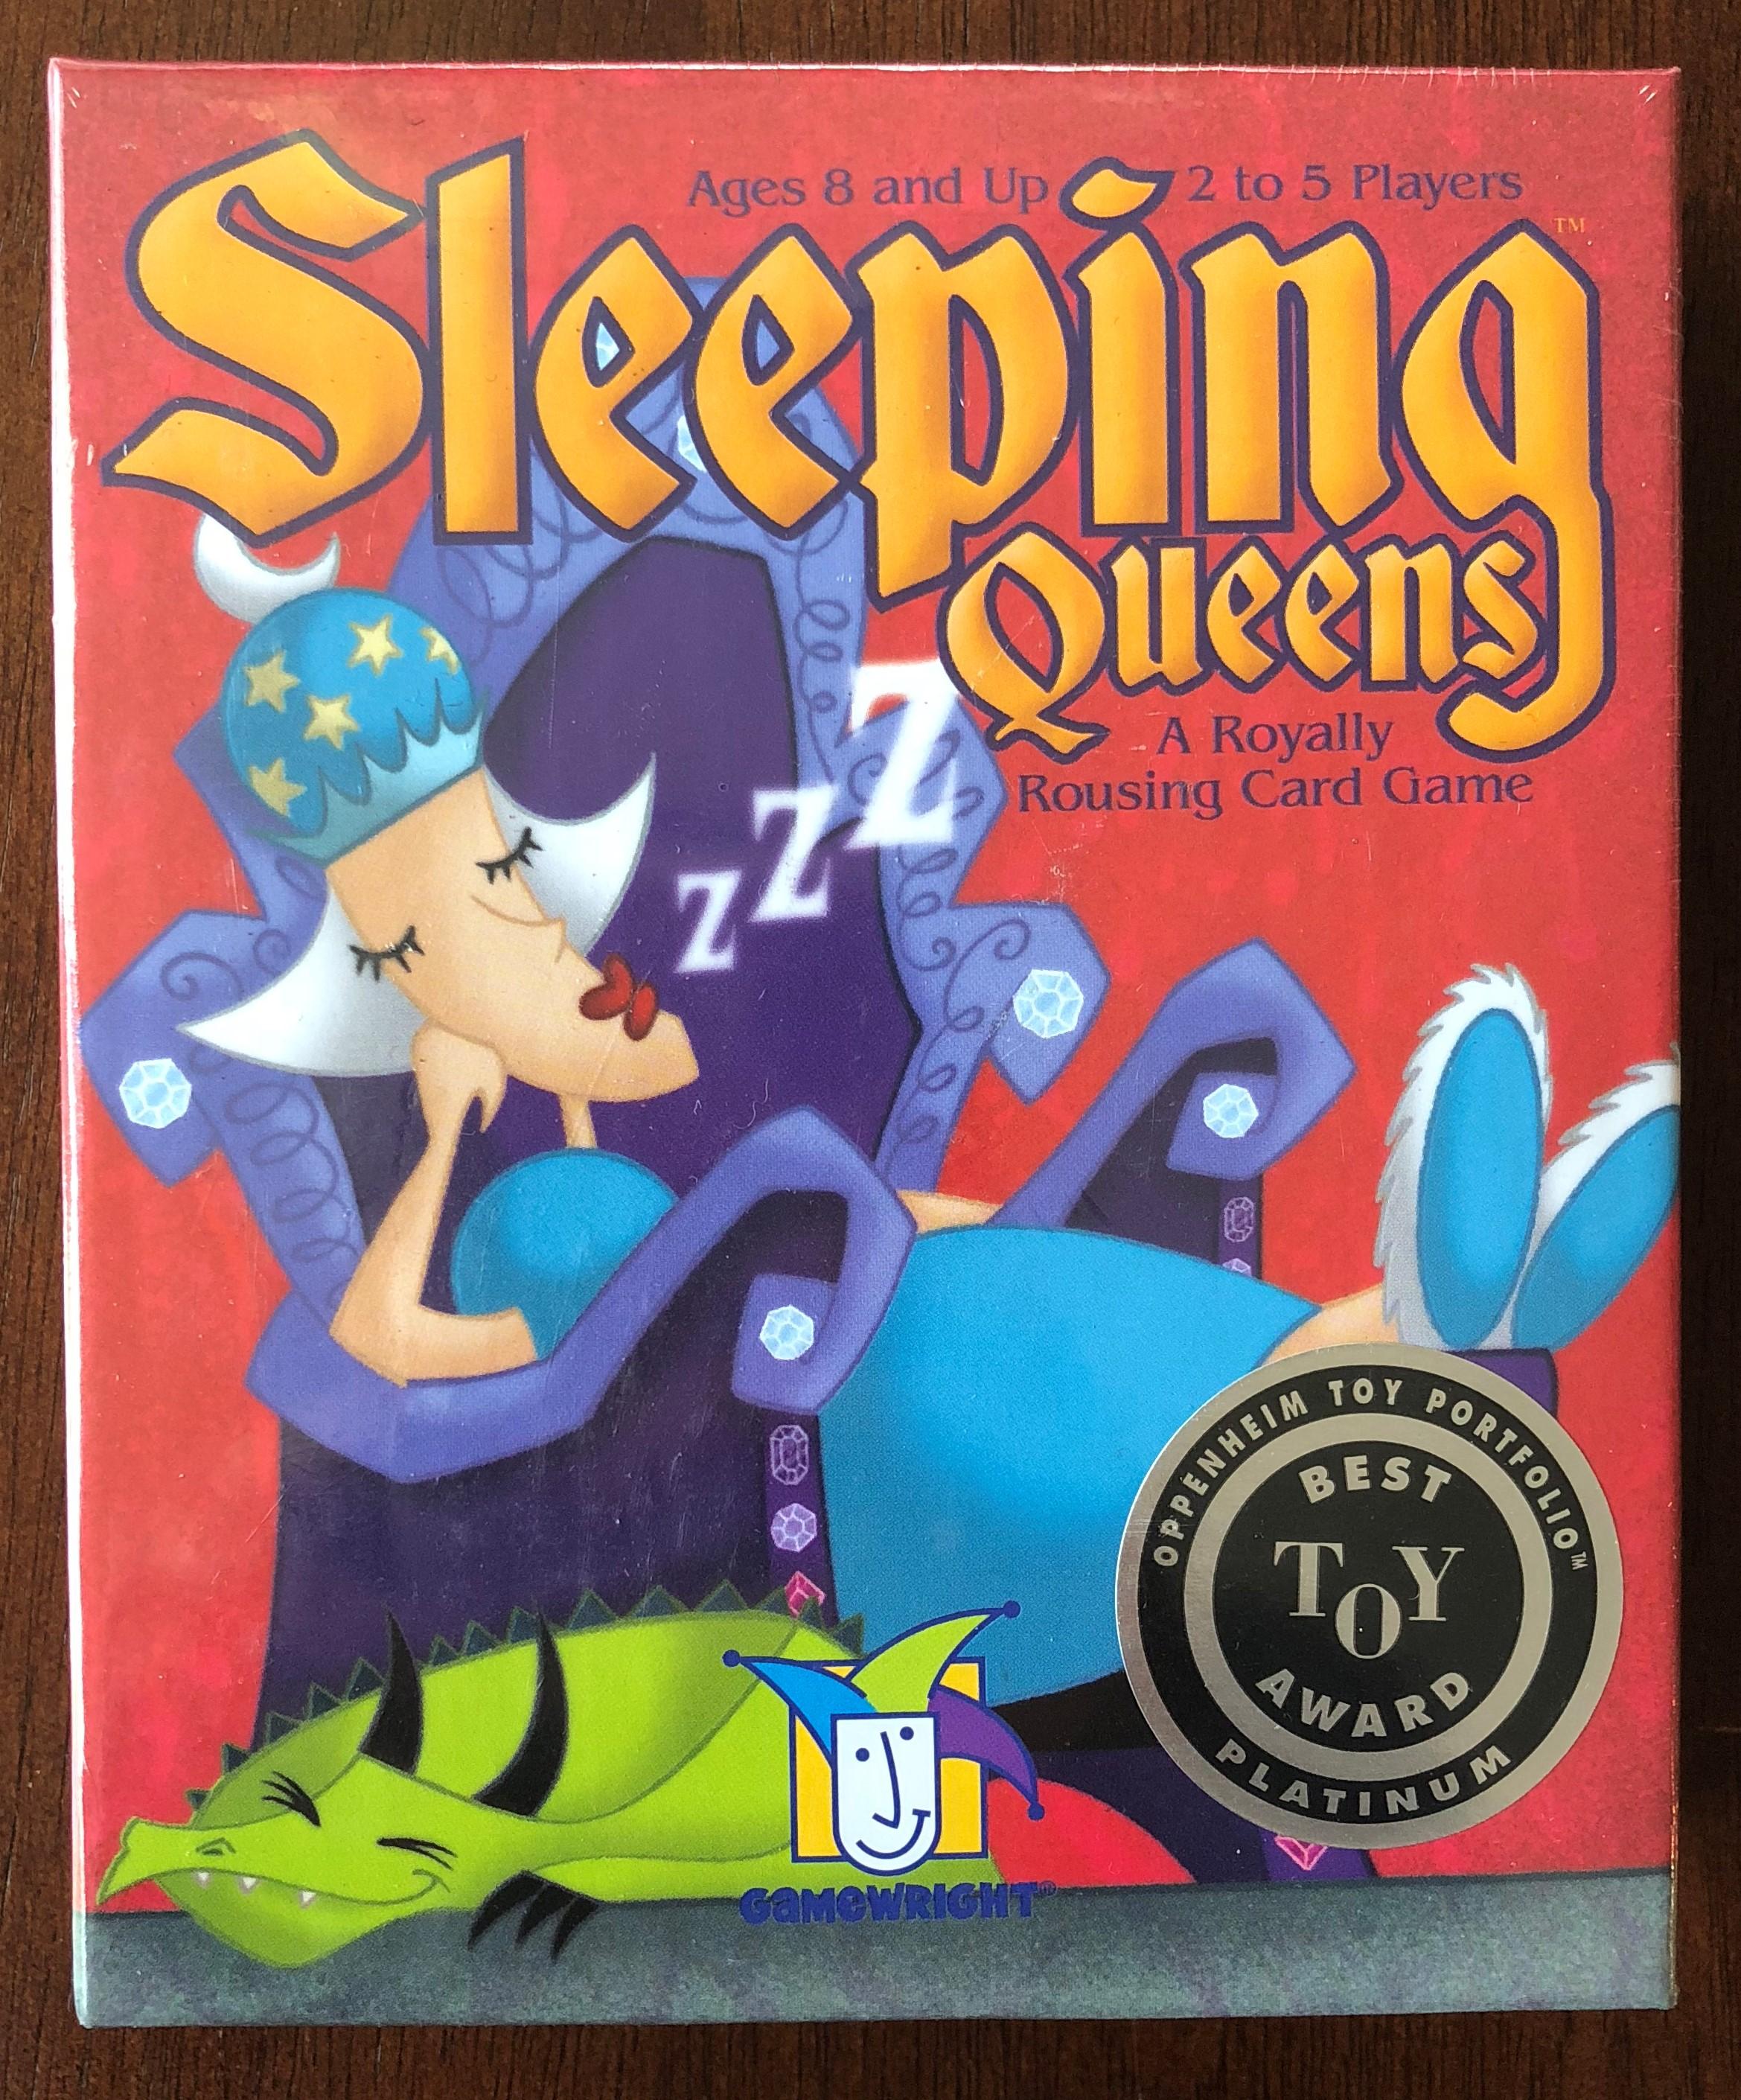 Sleeping Queens